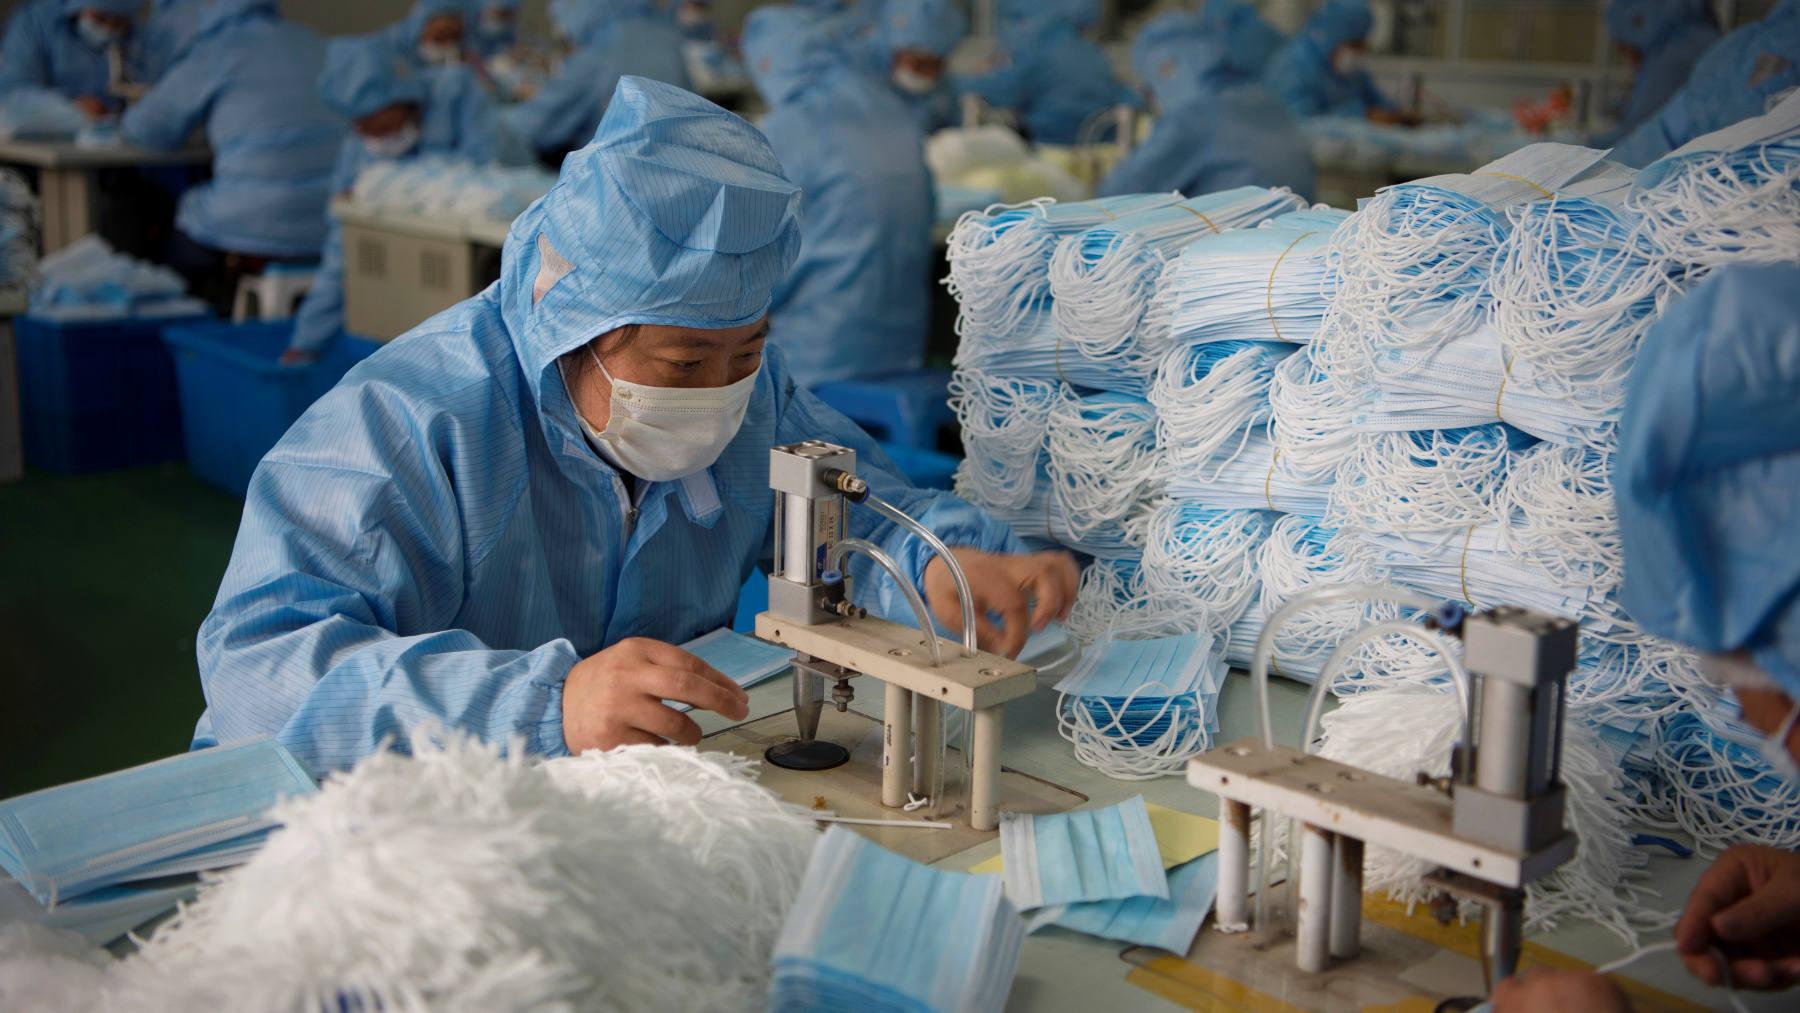 Sản xuất vải khẩu trang y tế: Cơ hội trong mùa đại dịch Covid-19? - Ảnh 2.